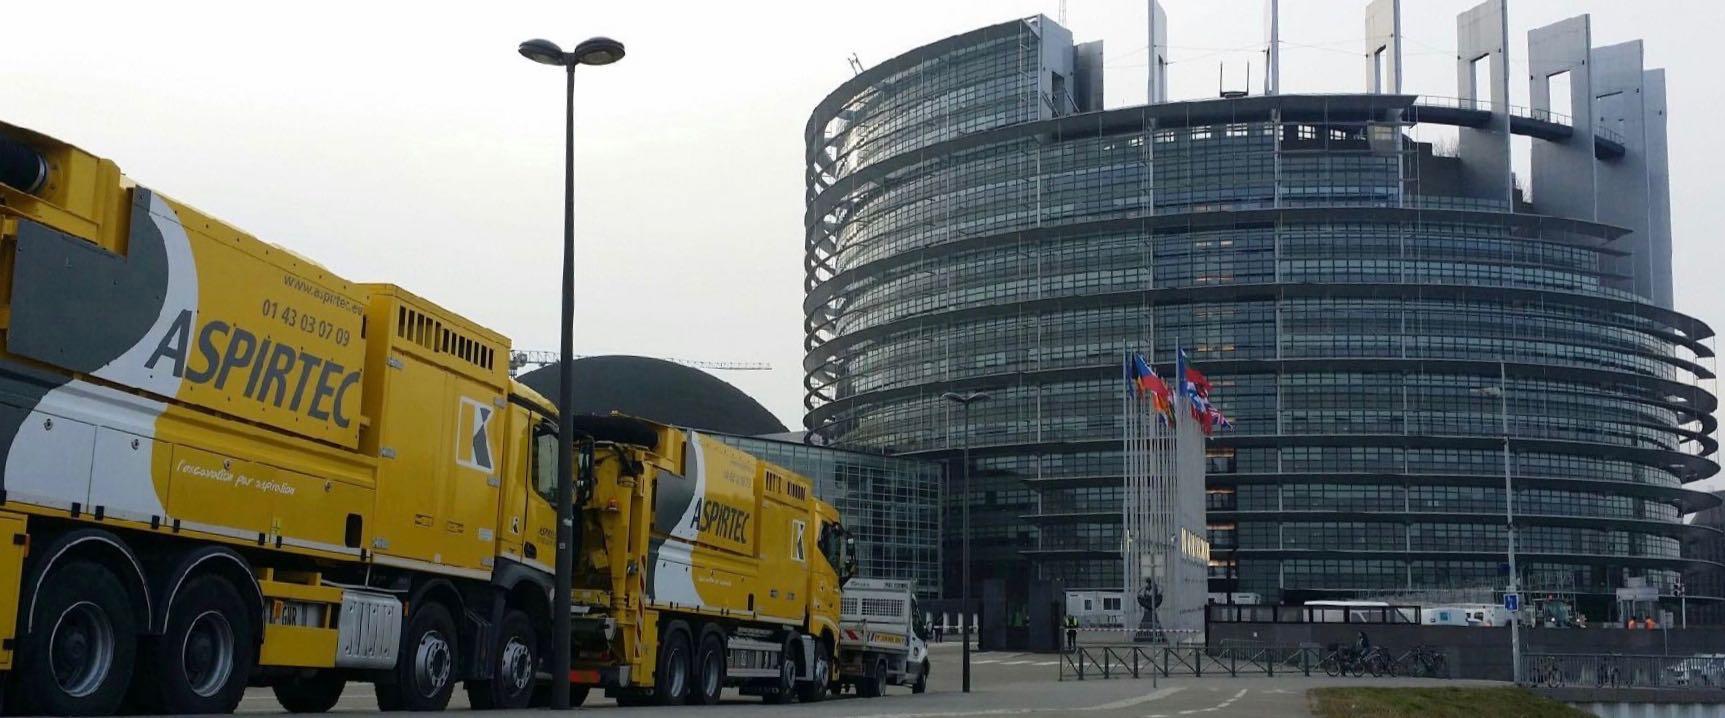 ASPIRTEC Ile-de-France et Paris : camions aspirateurs aspiratrices excavatrices terrassement pour tous chantiers